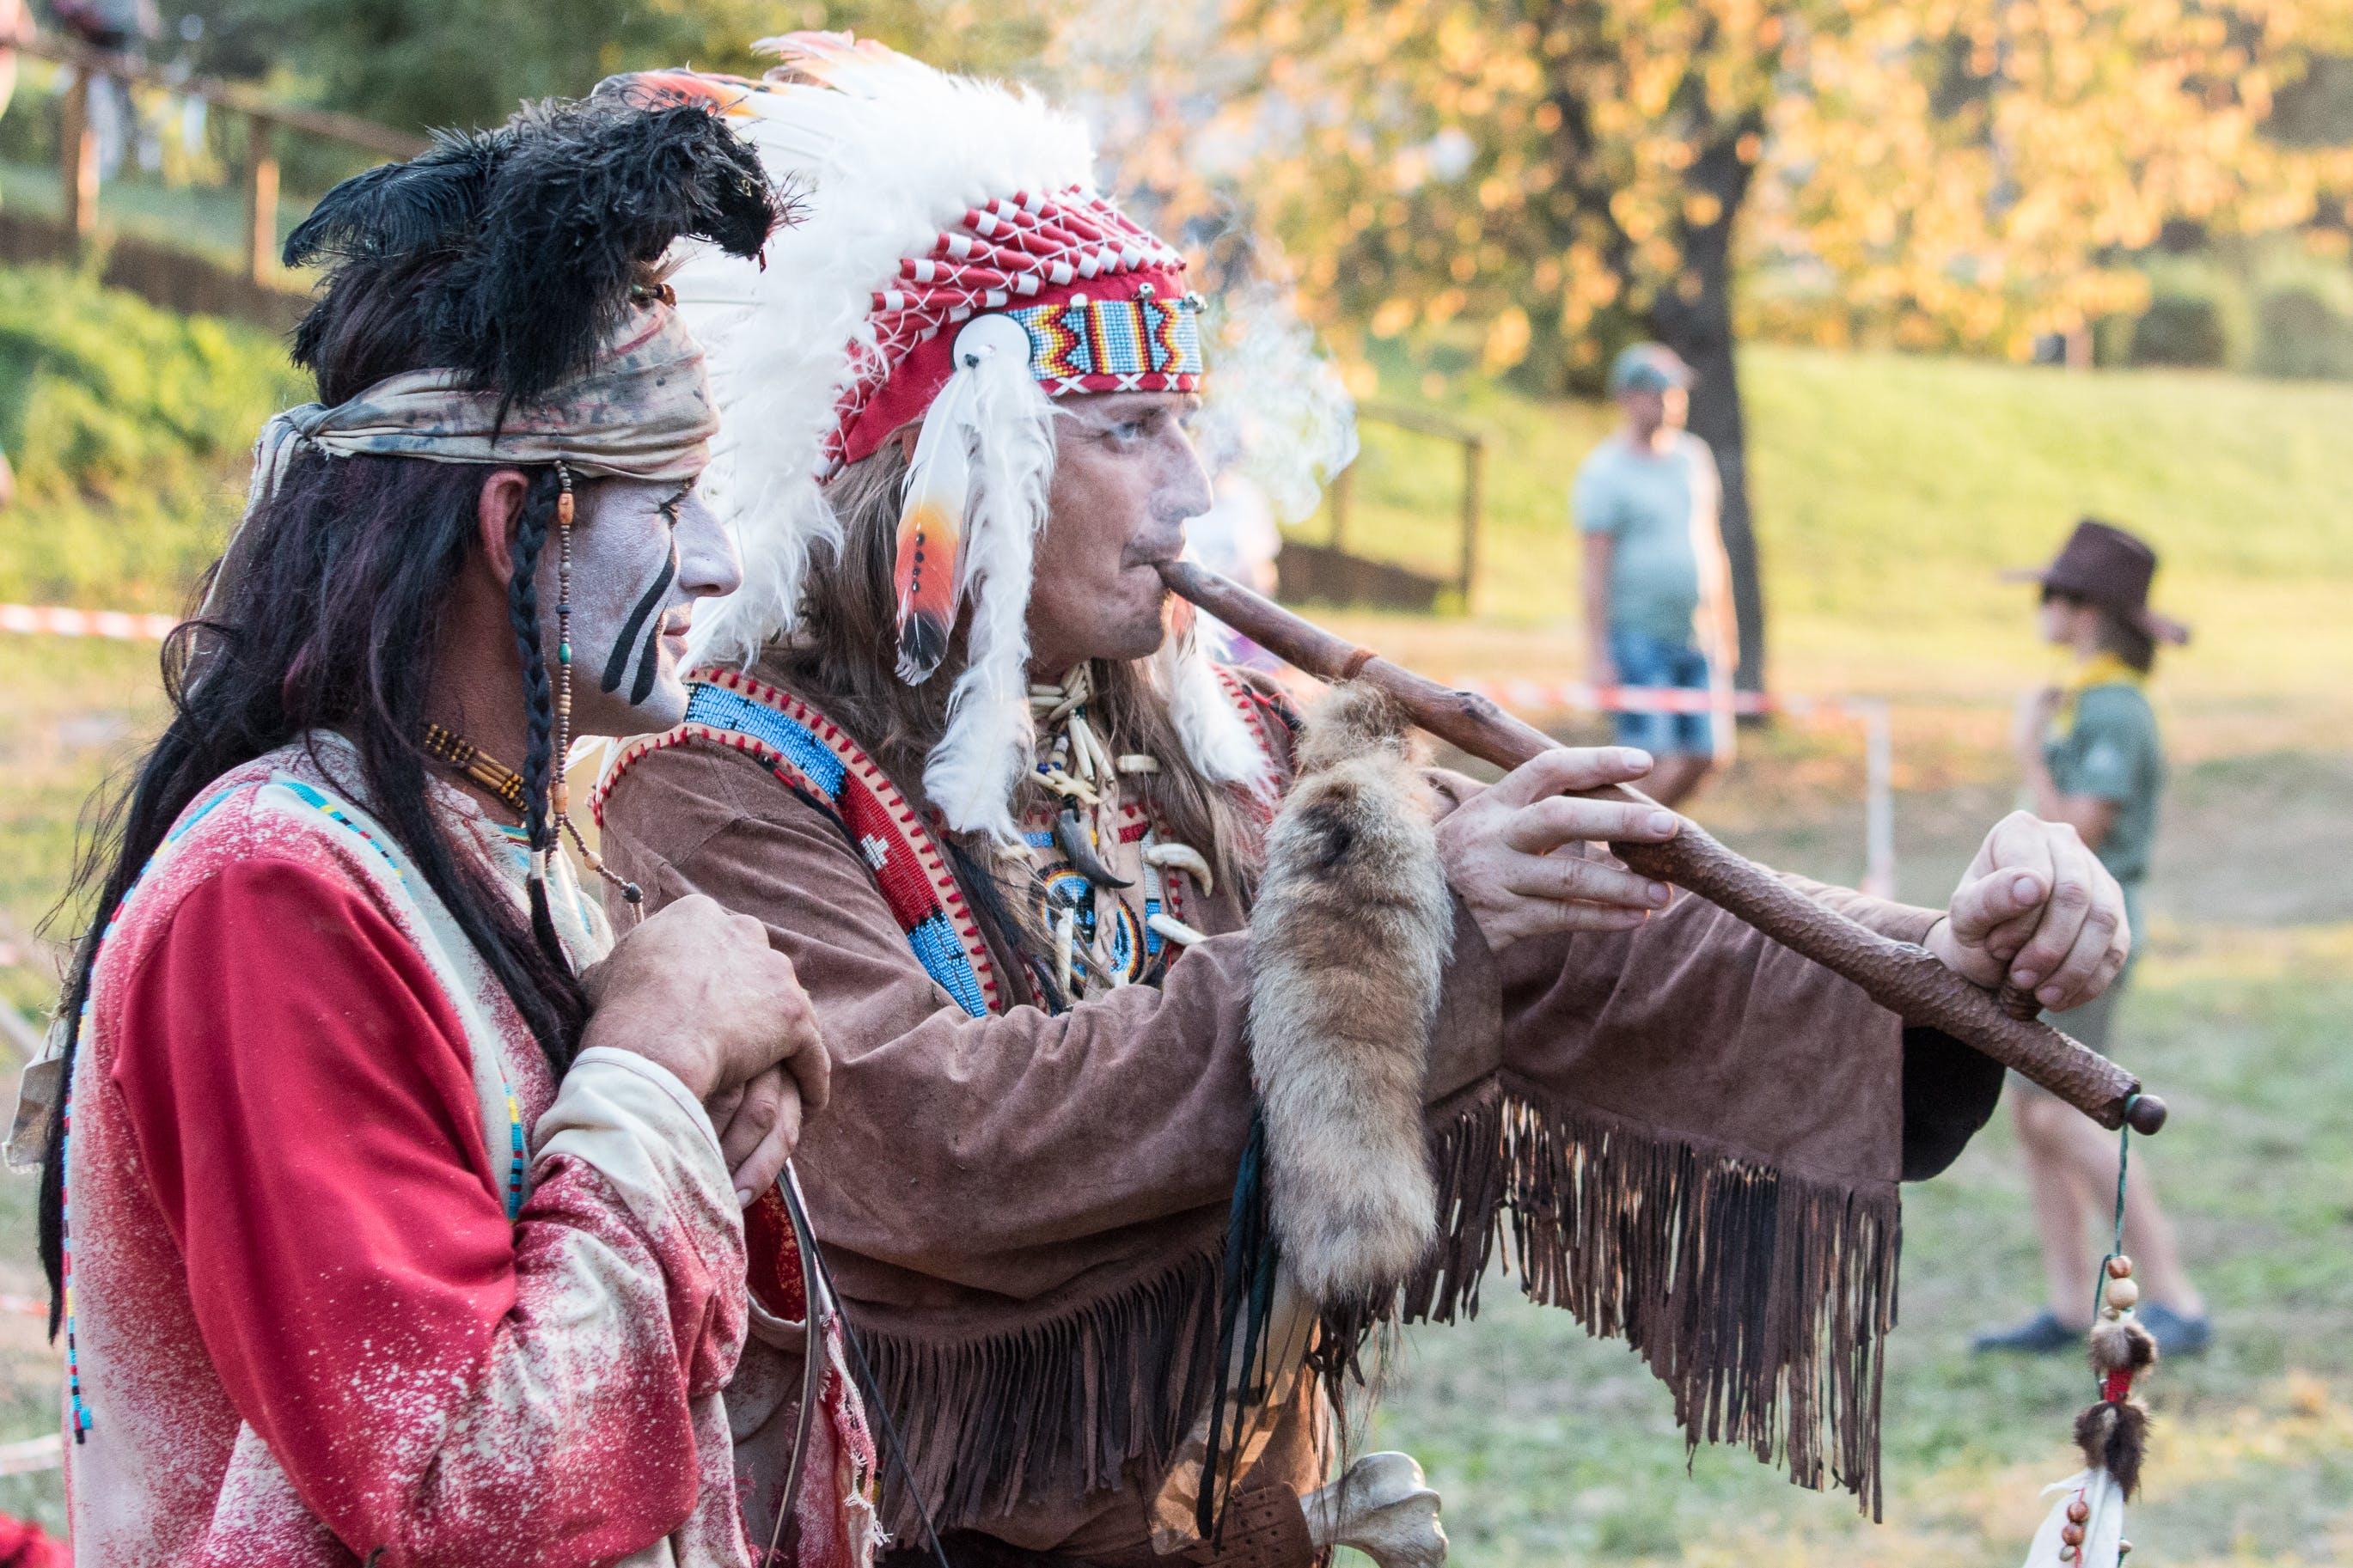 Gratis arkivbilde med bruke, festival, folkestamme, kriger